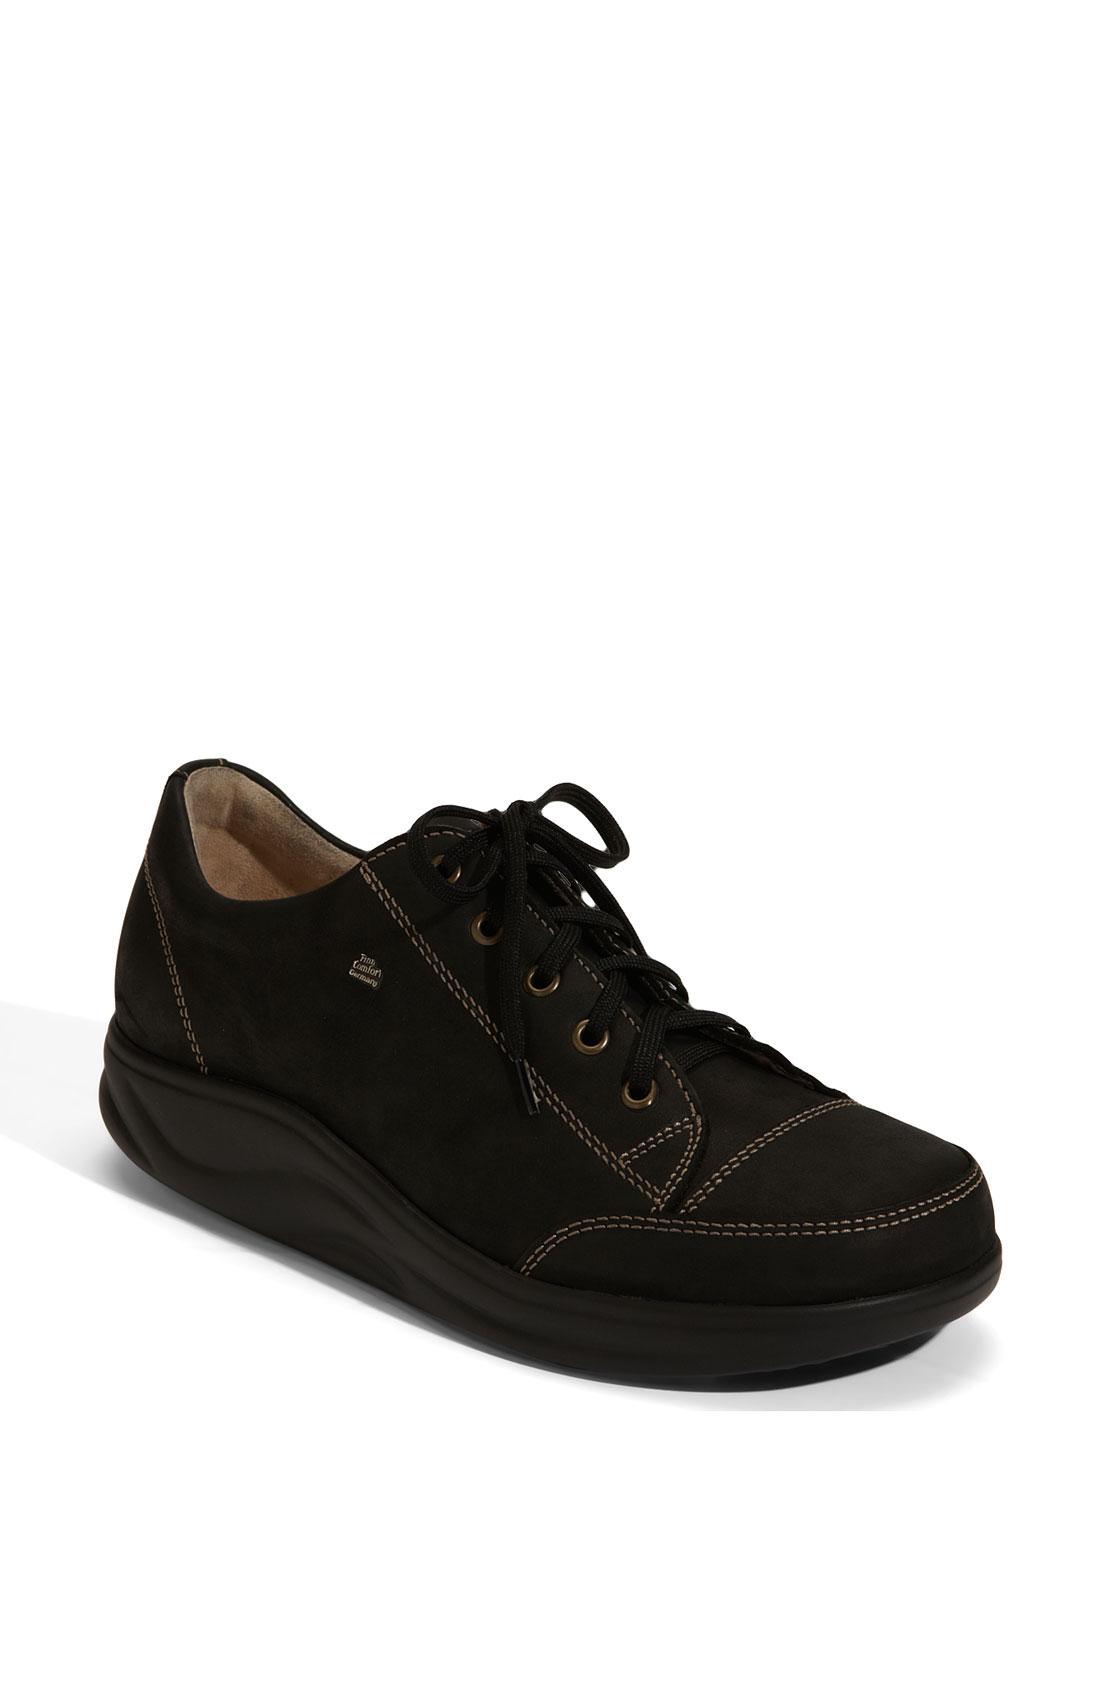 finn comfort finnamic by ikebukuro walking shoe in black